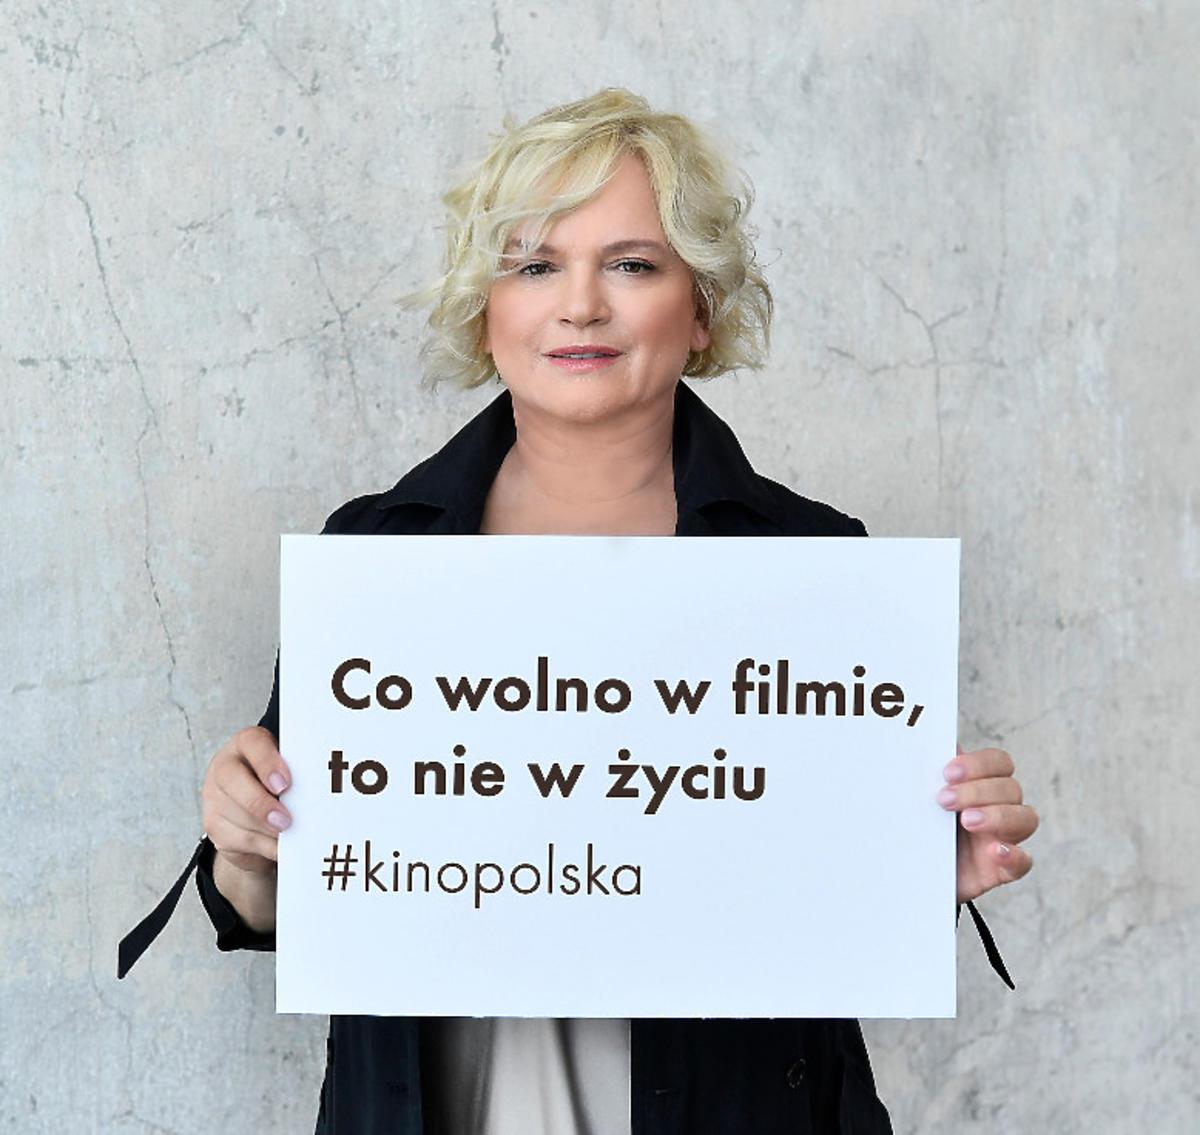 katarzyna-figura-kino-polska